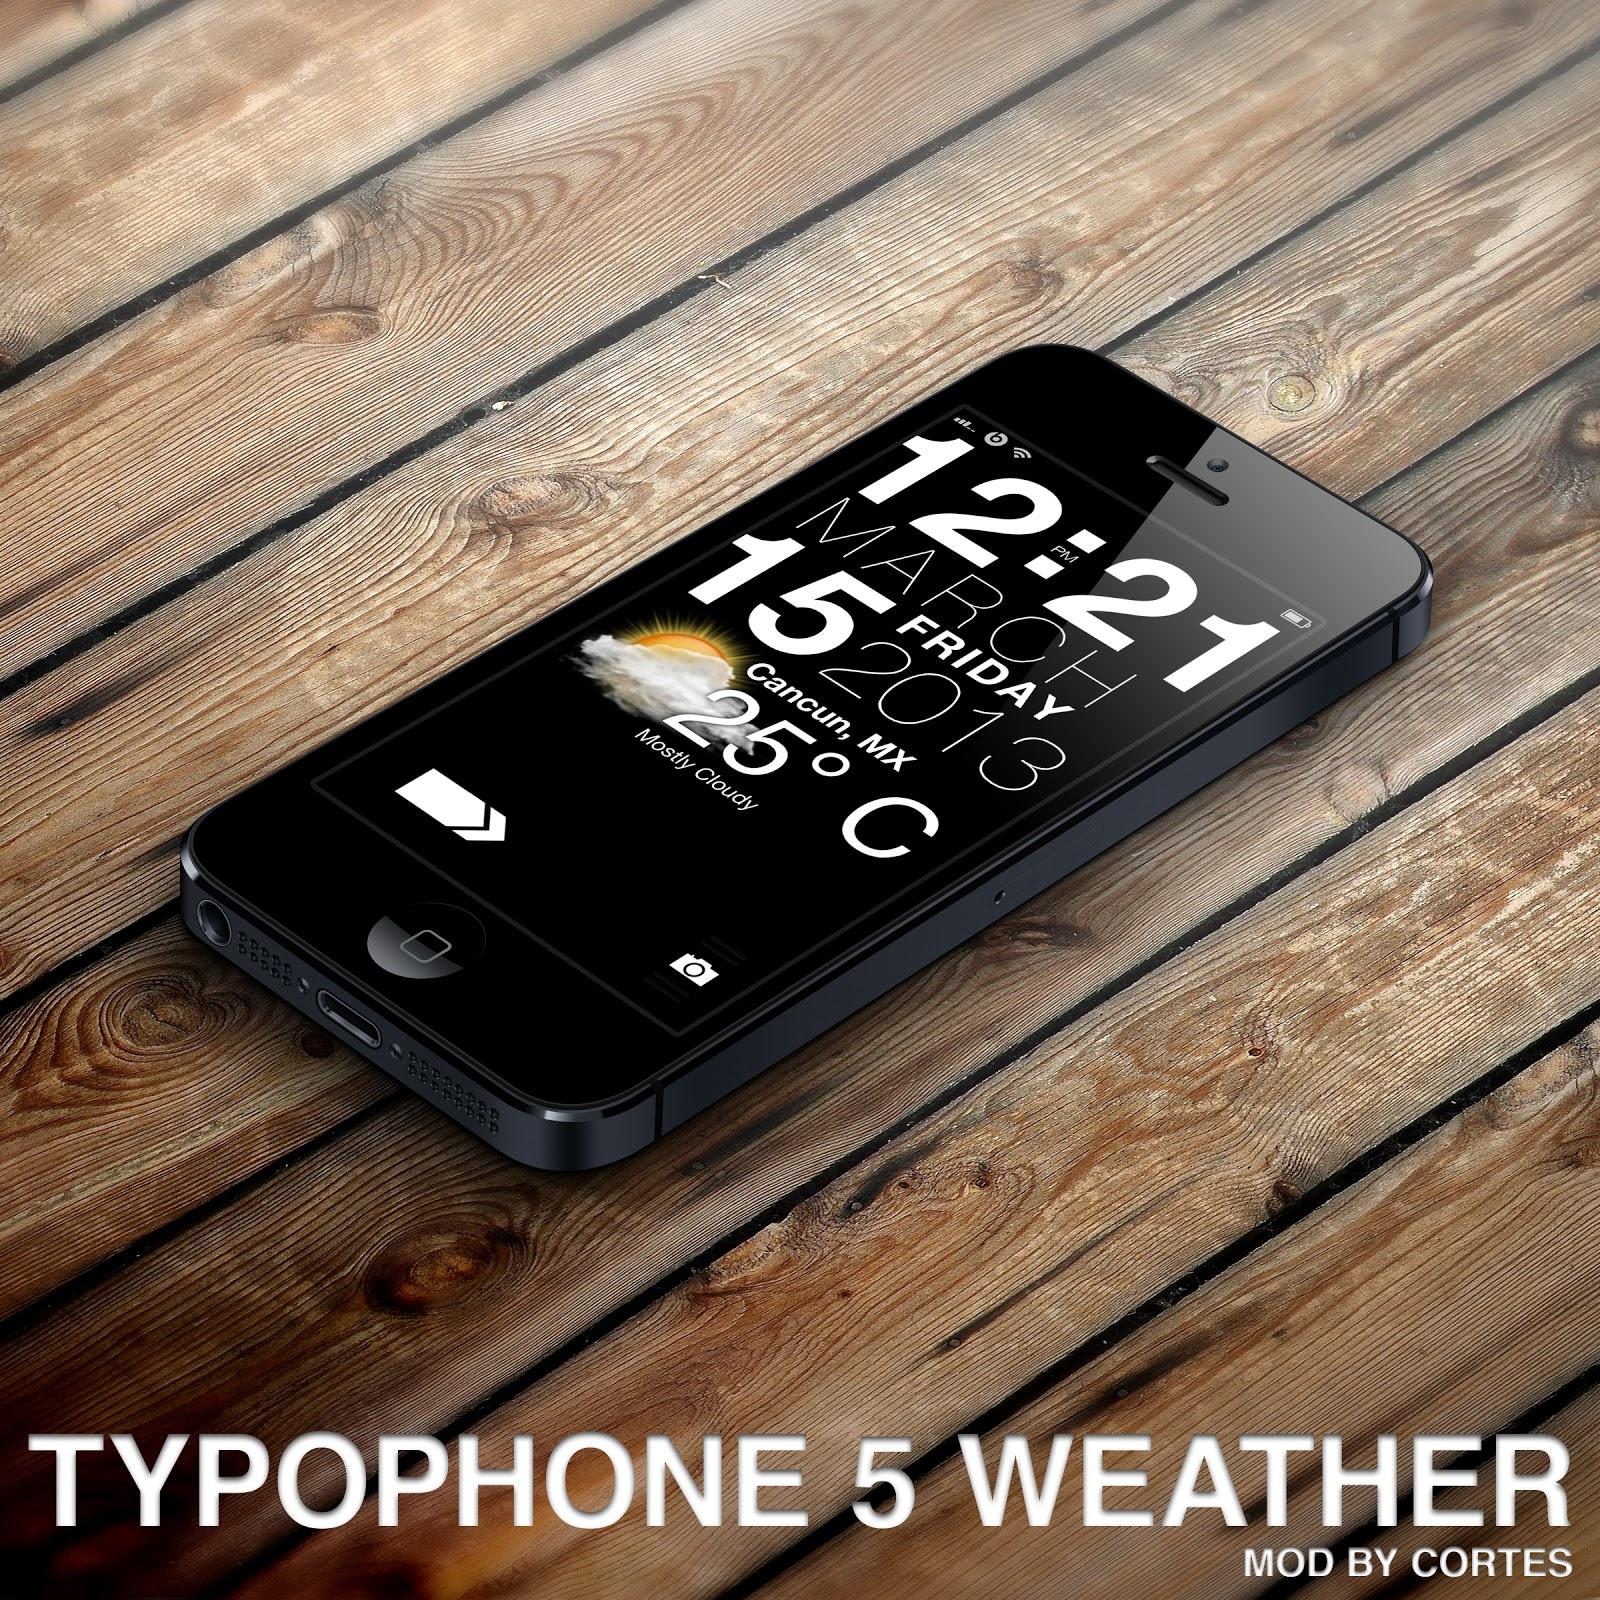 Typophone 5 Weather